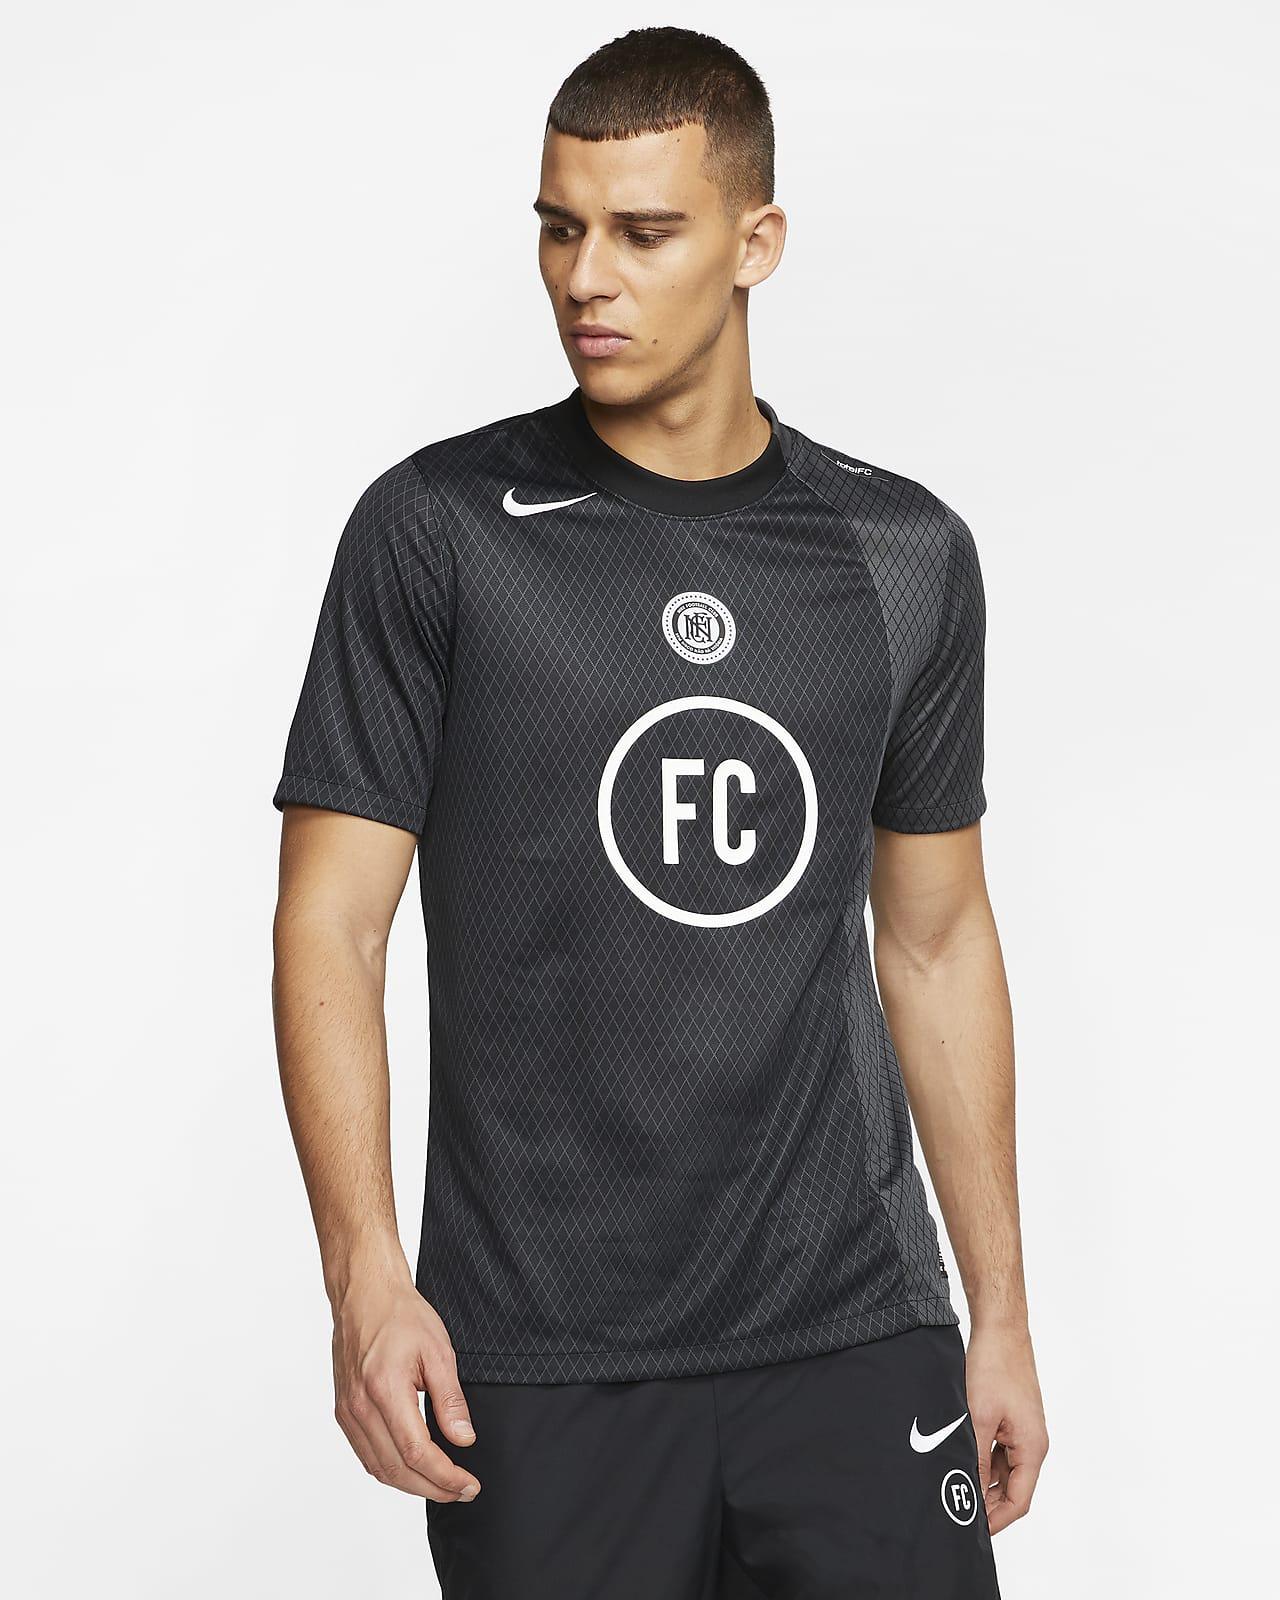 Nike F.C. Away Herren-Fußballtrikot